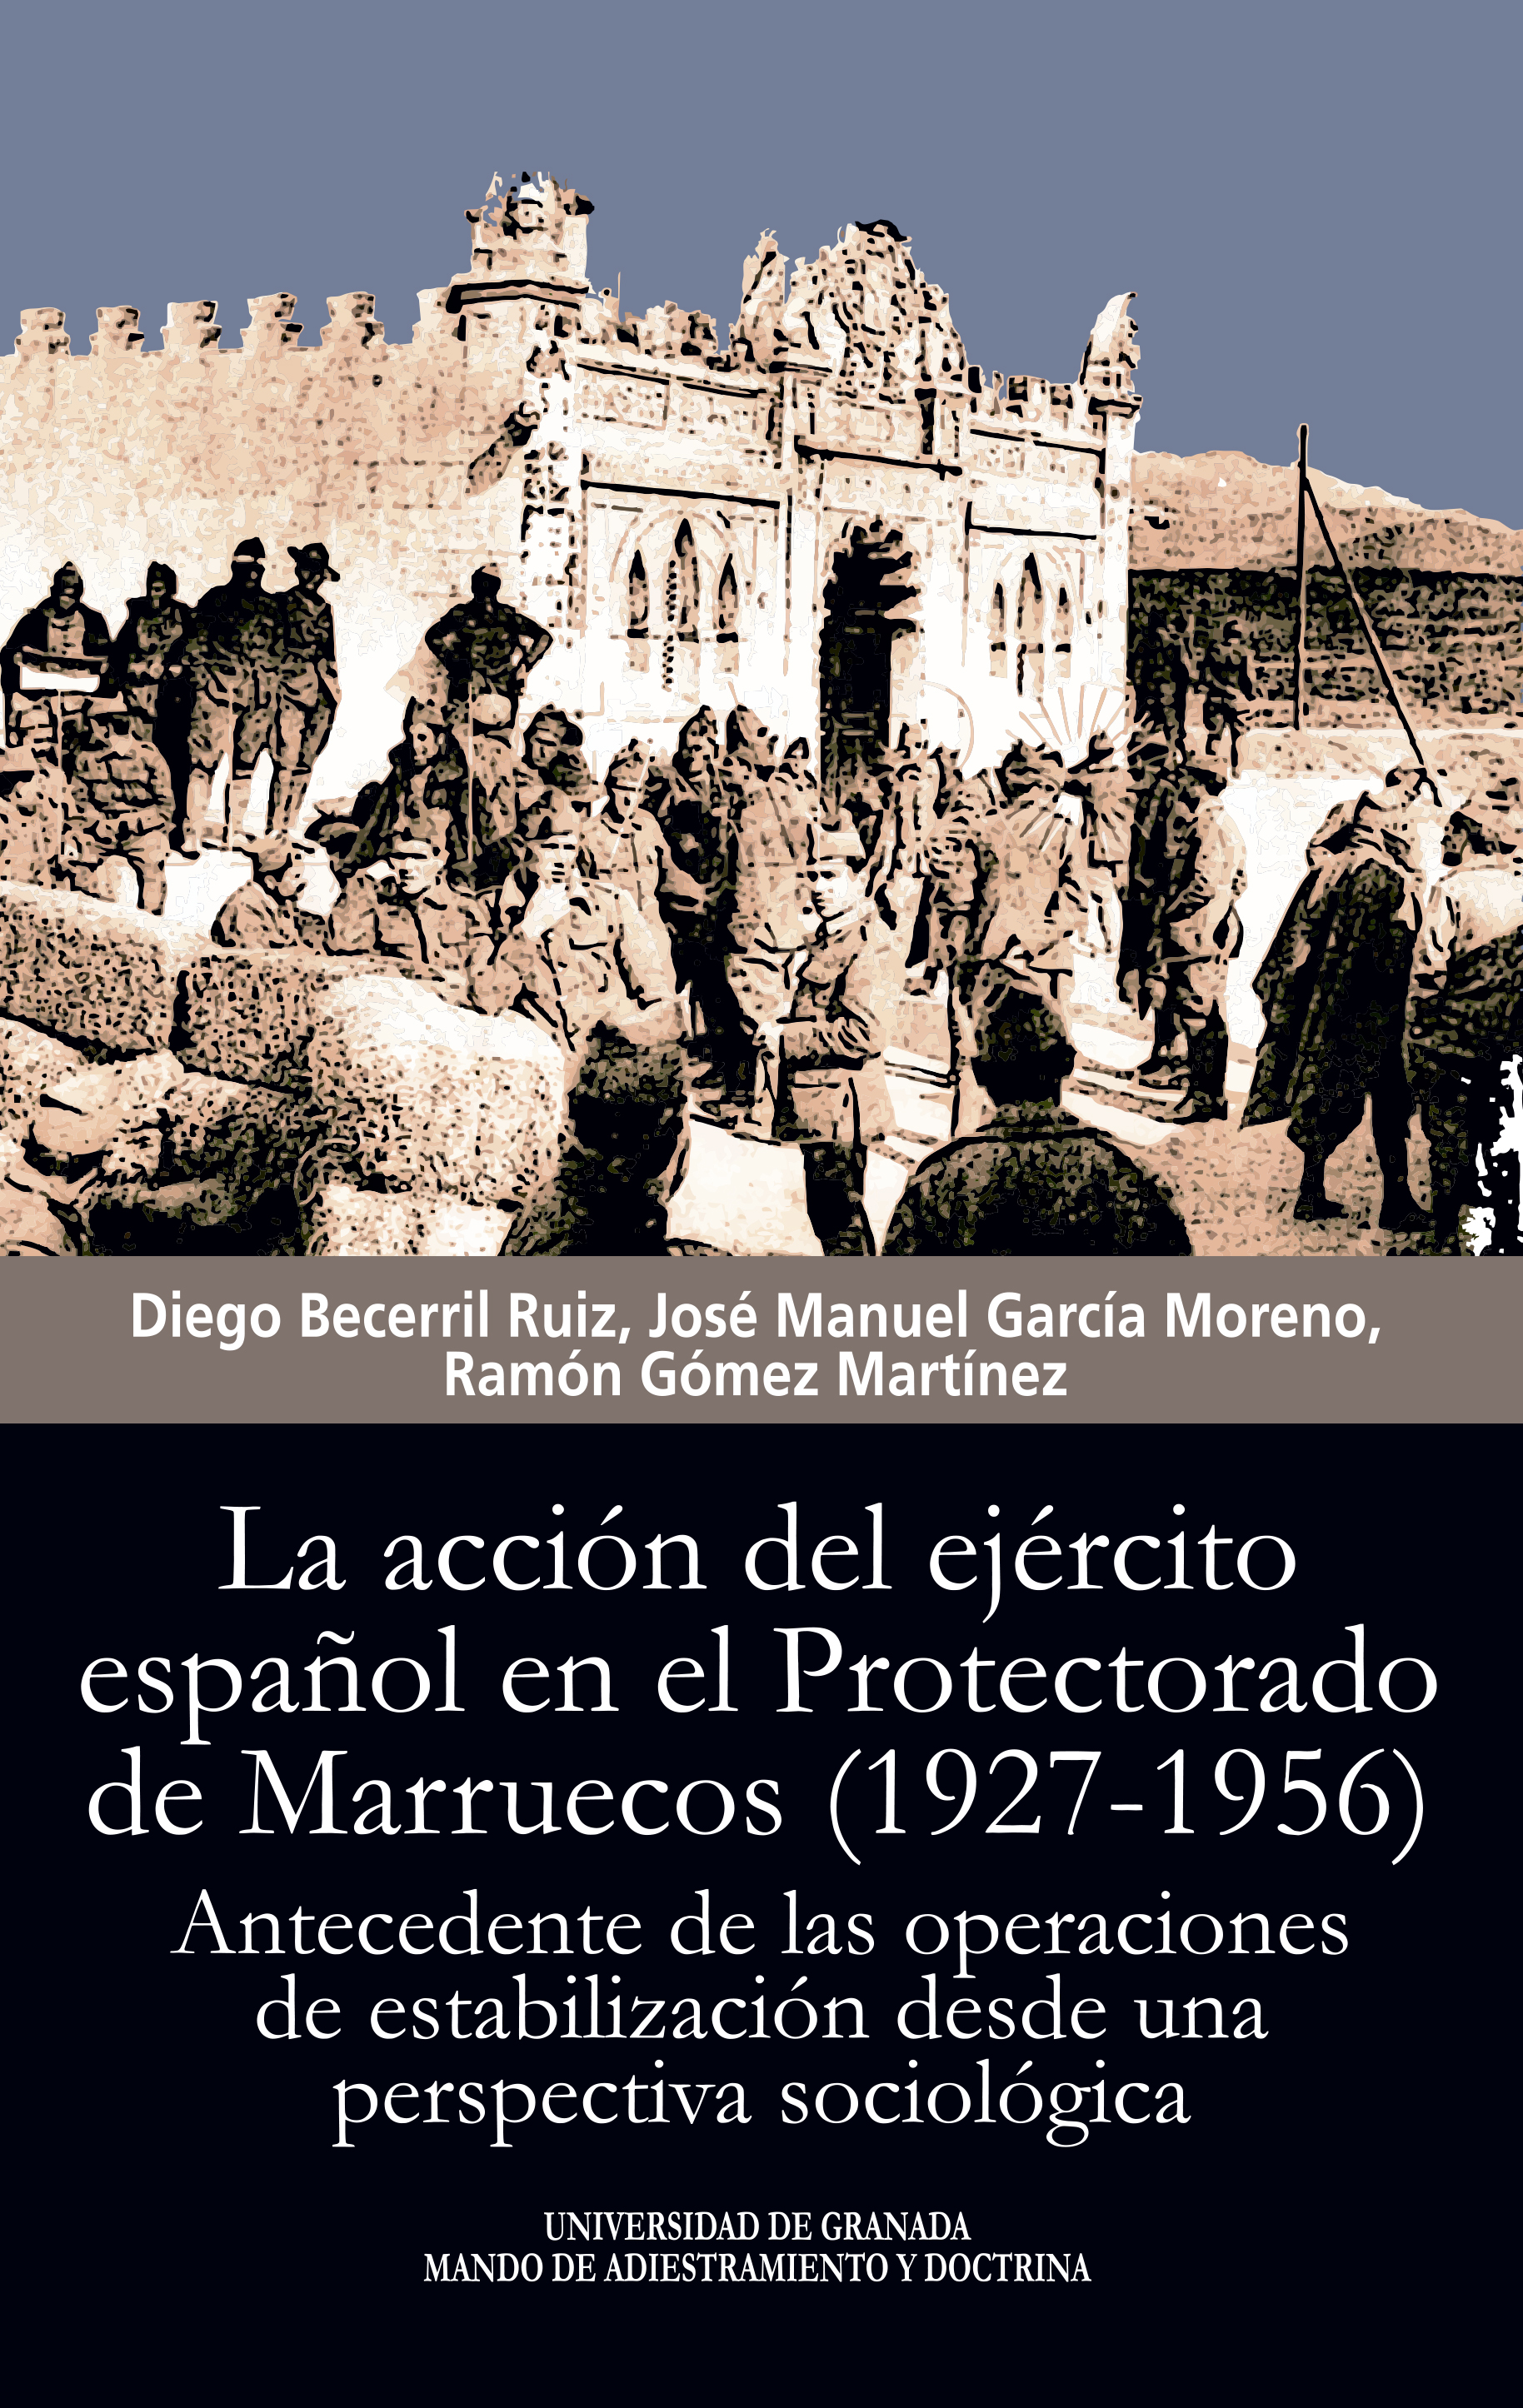 La acción del ejército español en el Protectorado de Marruecos (1927-1956)   «Antecedente de las operaciones de estabilización desde una perspectiva sociológica»